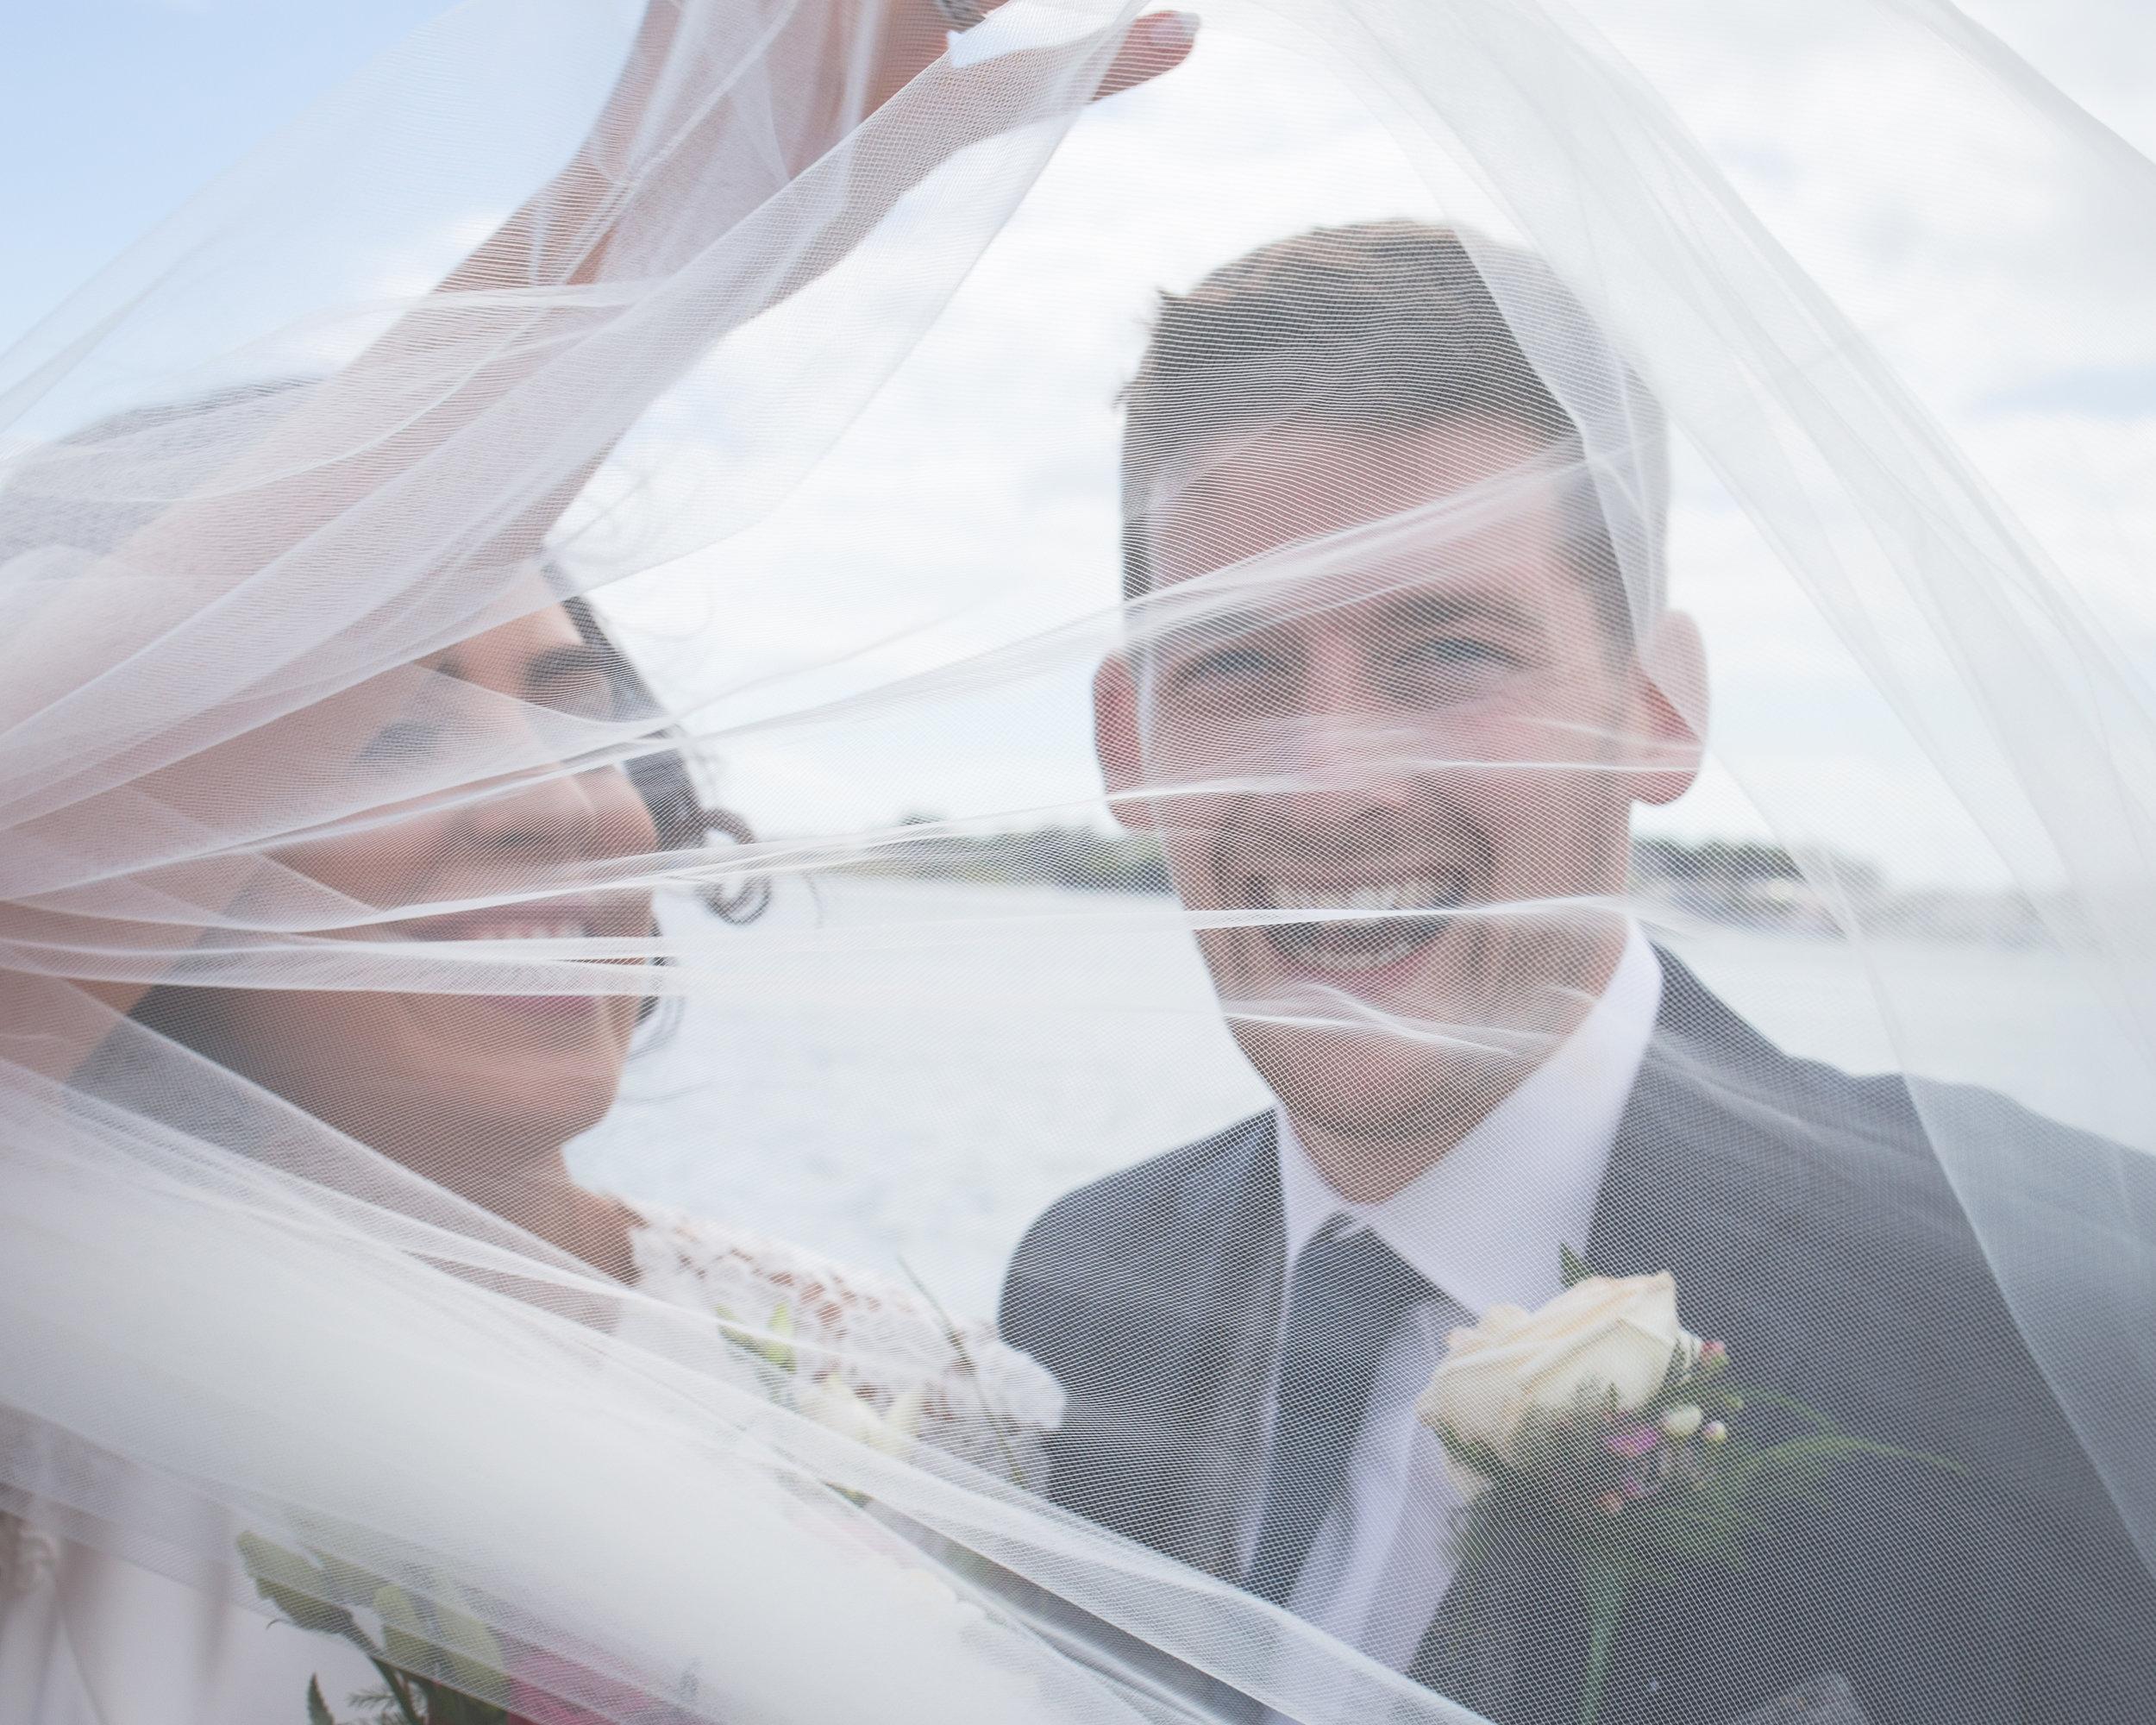 Brian McEwan Wedding Photography   Carol-Anne & Sean   The Ceremony-180.jpg